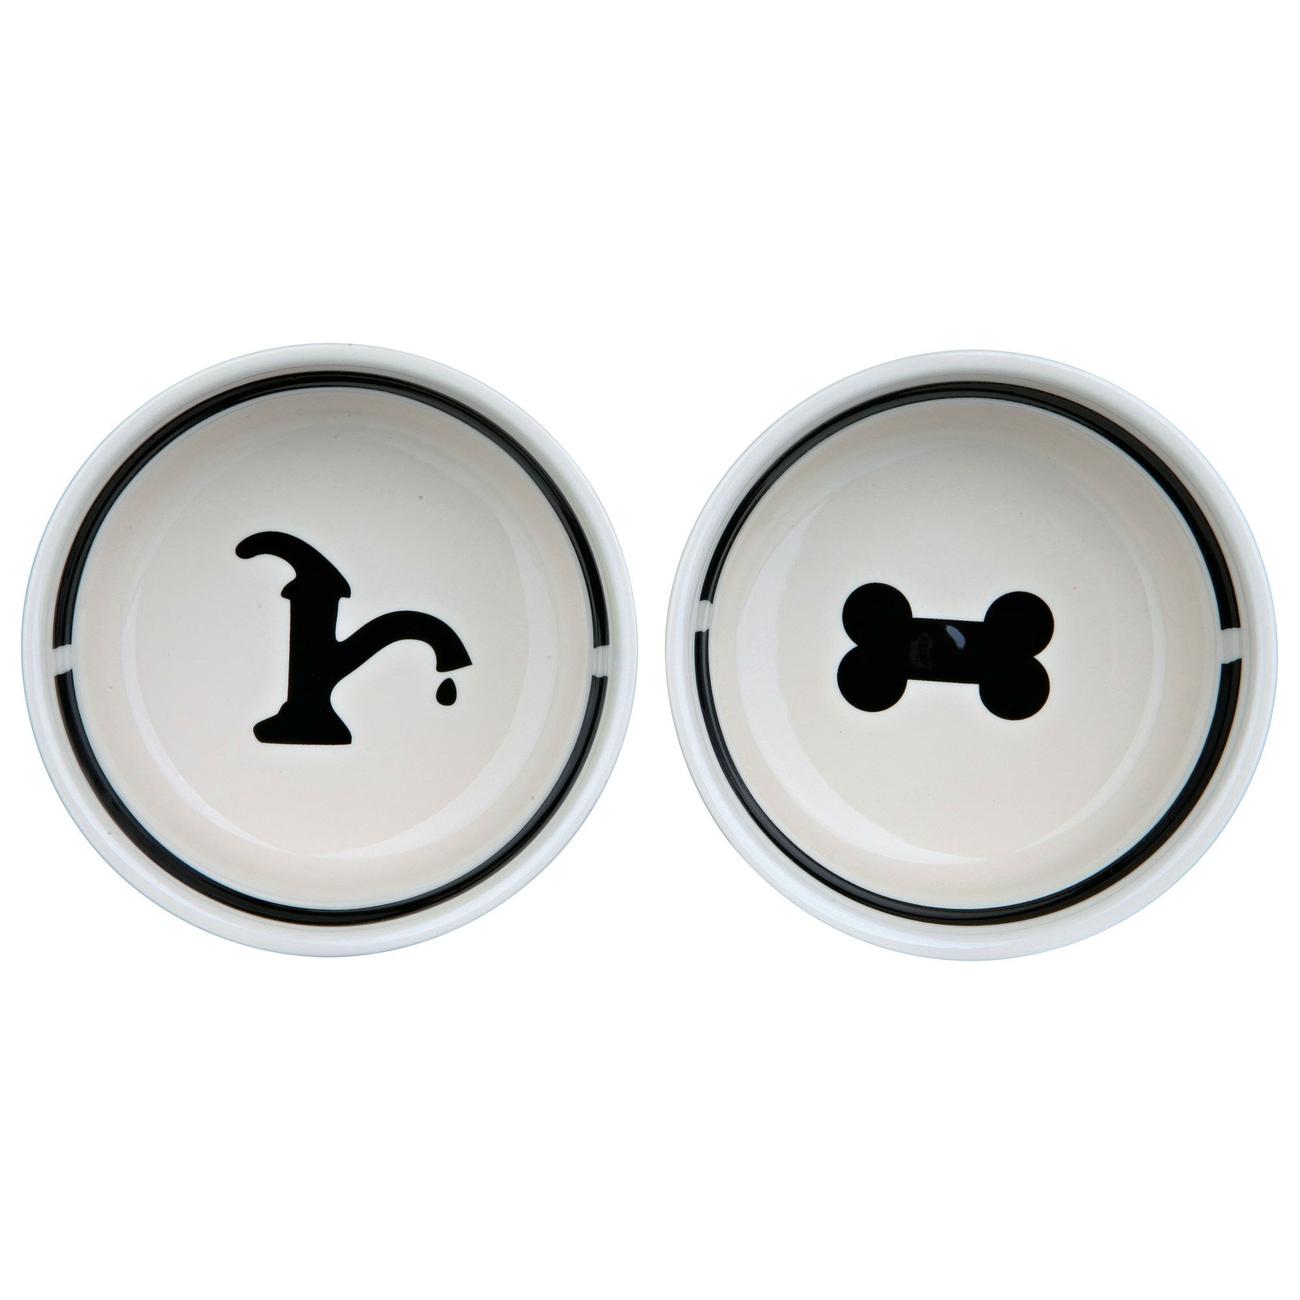 Trixie Napfset aus Keramik mit Ständer Eat on Feet 24640, Bild 2